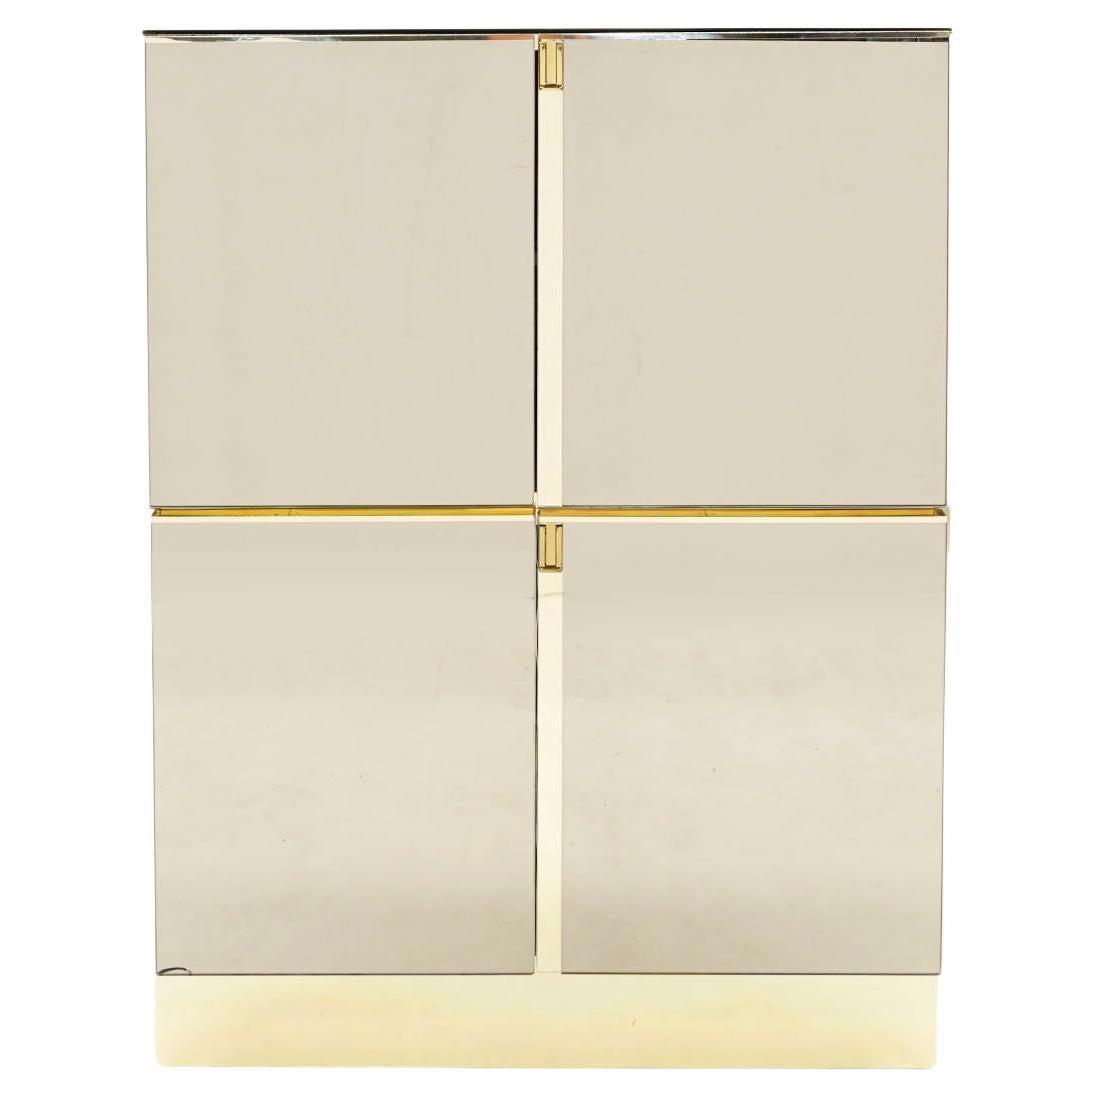 Ello Stacked Storage Cabinets / Dresser / Chest of Drawers, Bronze Mirror, Brass